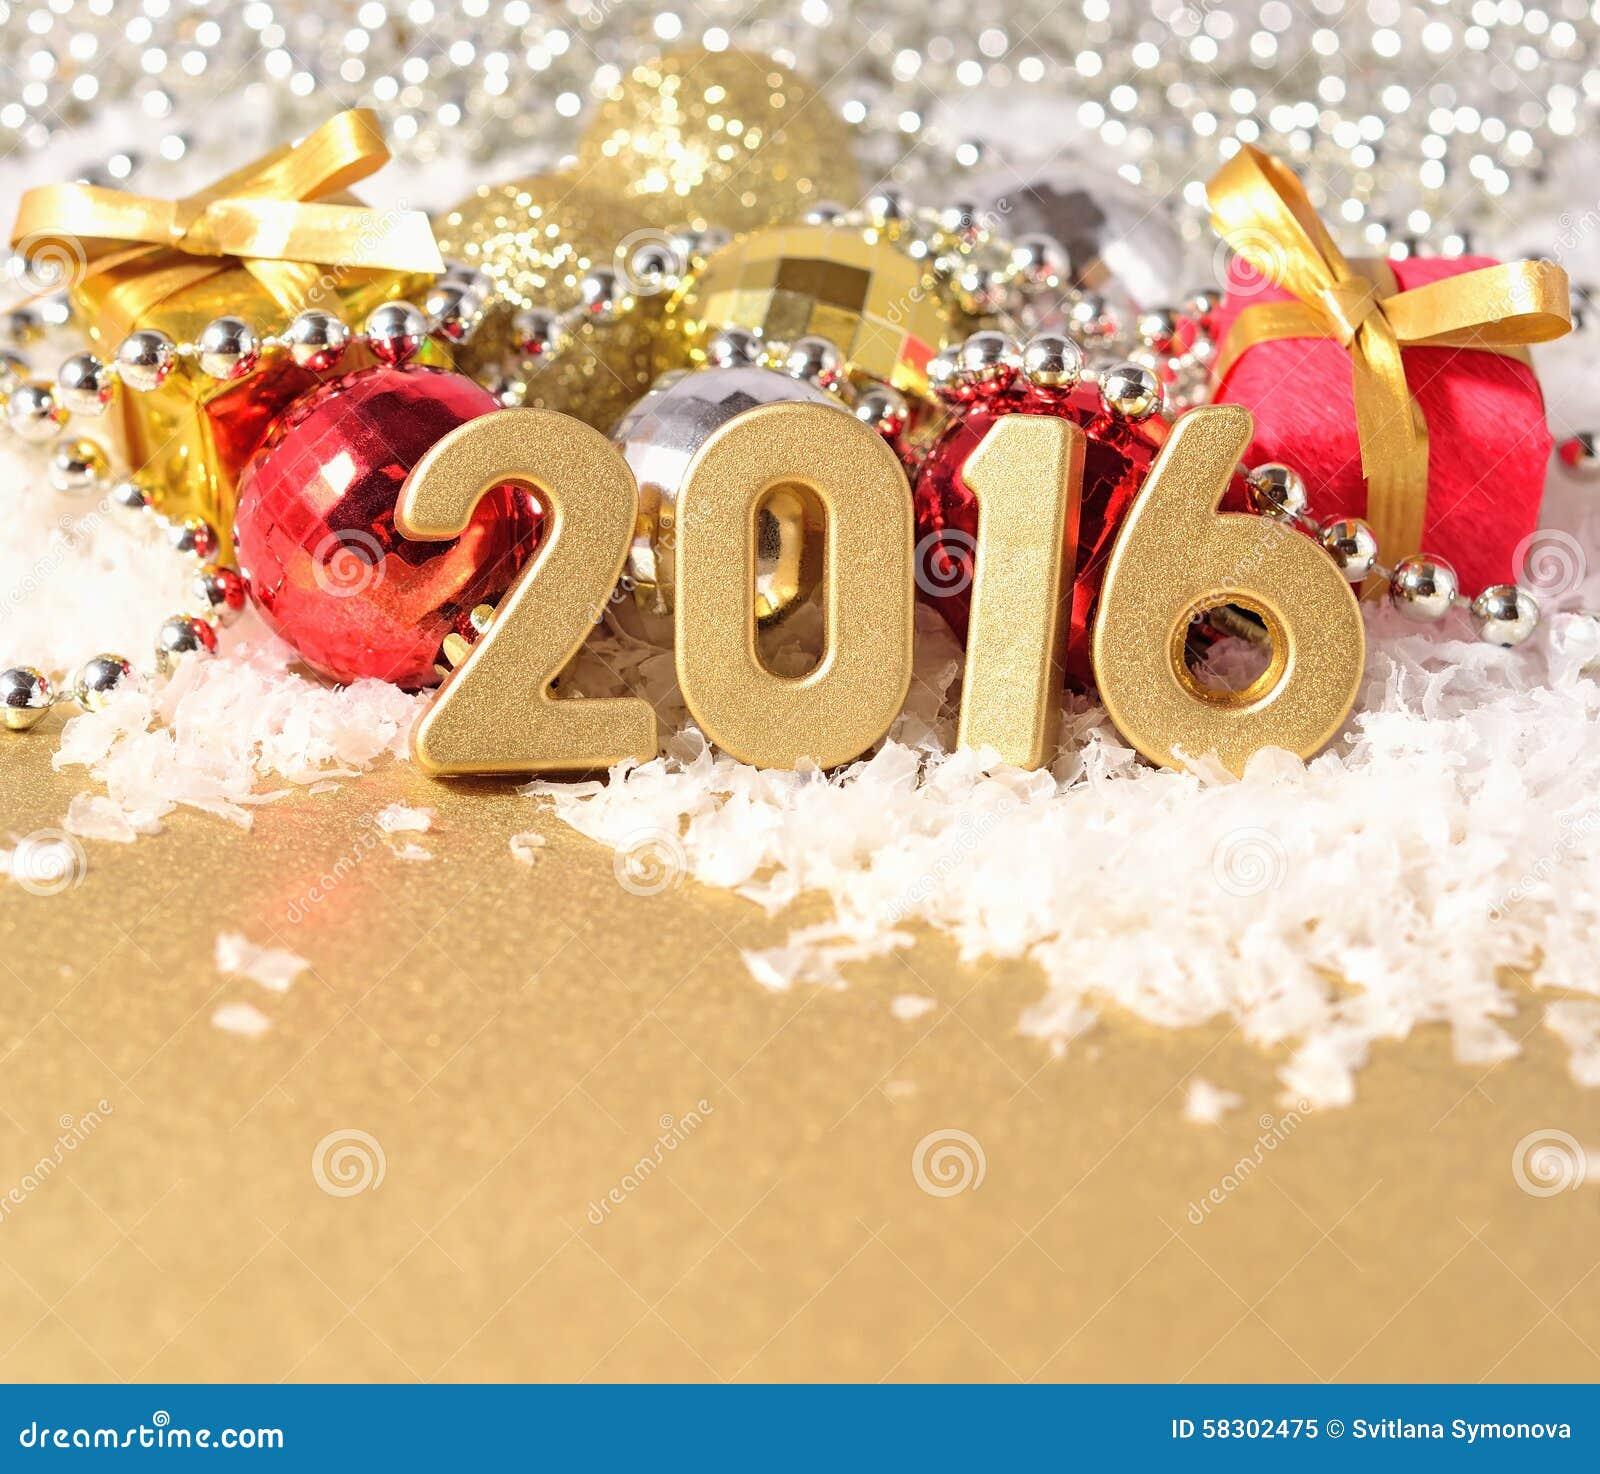 New year 2016 stock photo image 58693644 - Le Figure Da 2016 Anni E Decorazioni Dorate Di Natale Fotografia Stock Libera Da Diritti